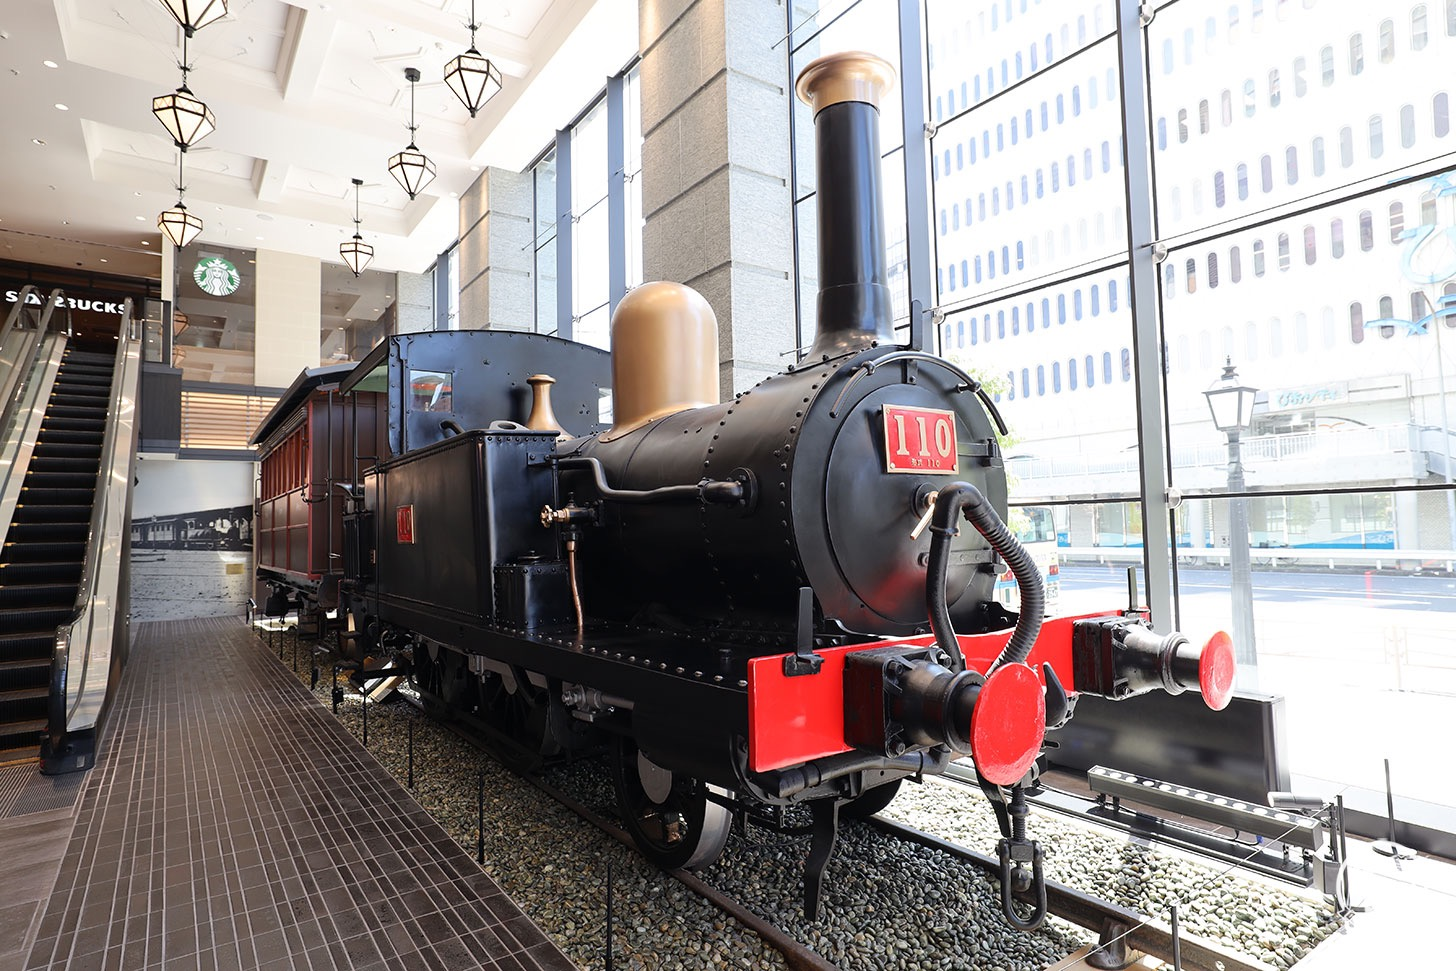 110形蒸気機関車の展示